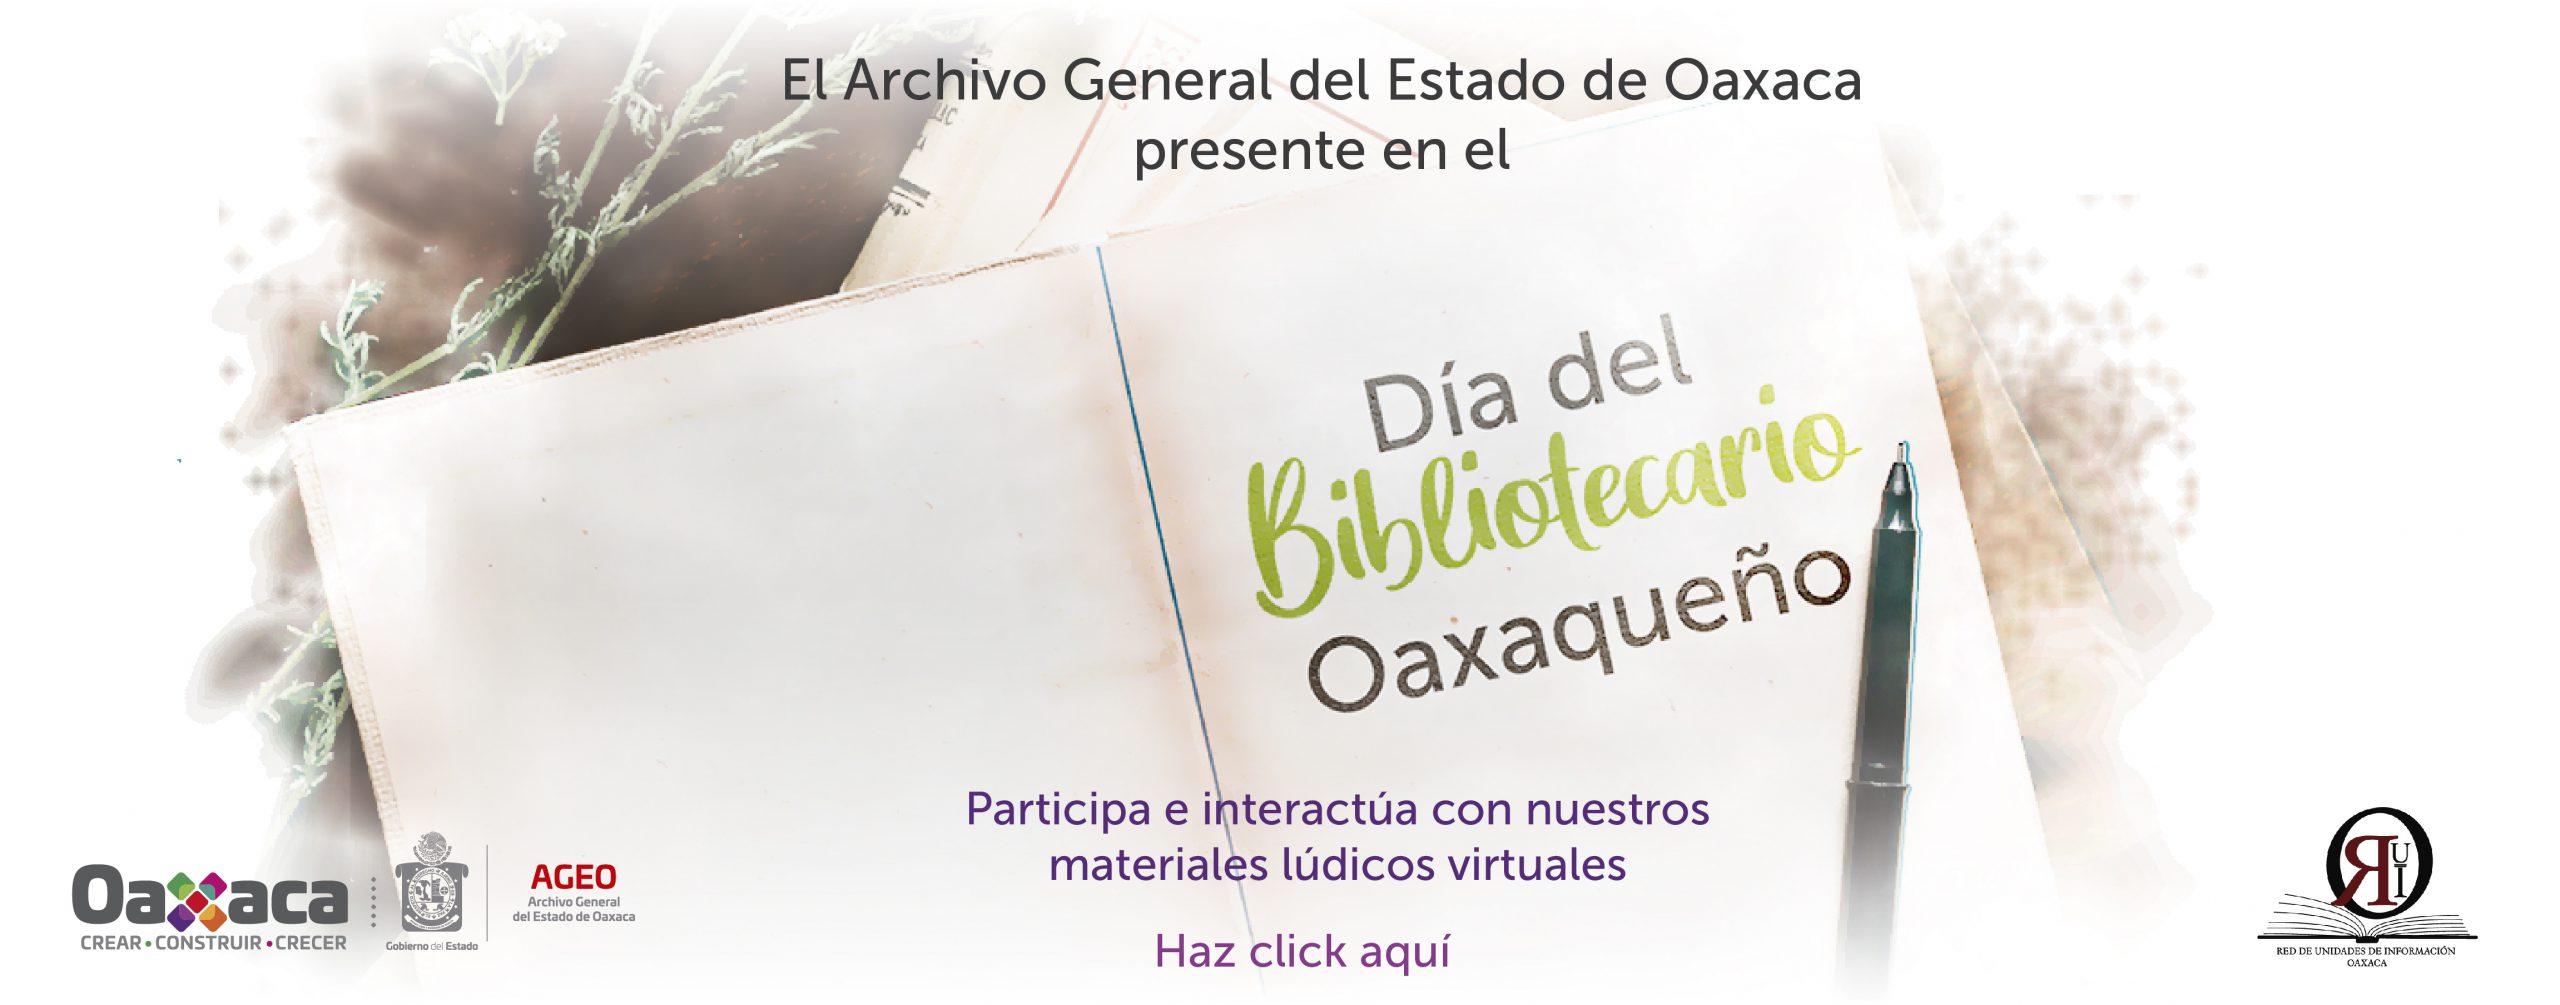 Día del Bibliotecario Oaxaqueño